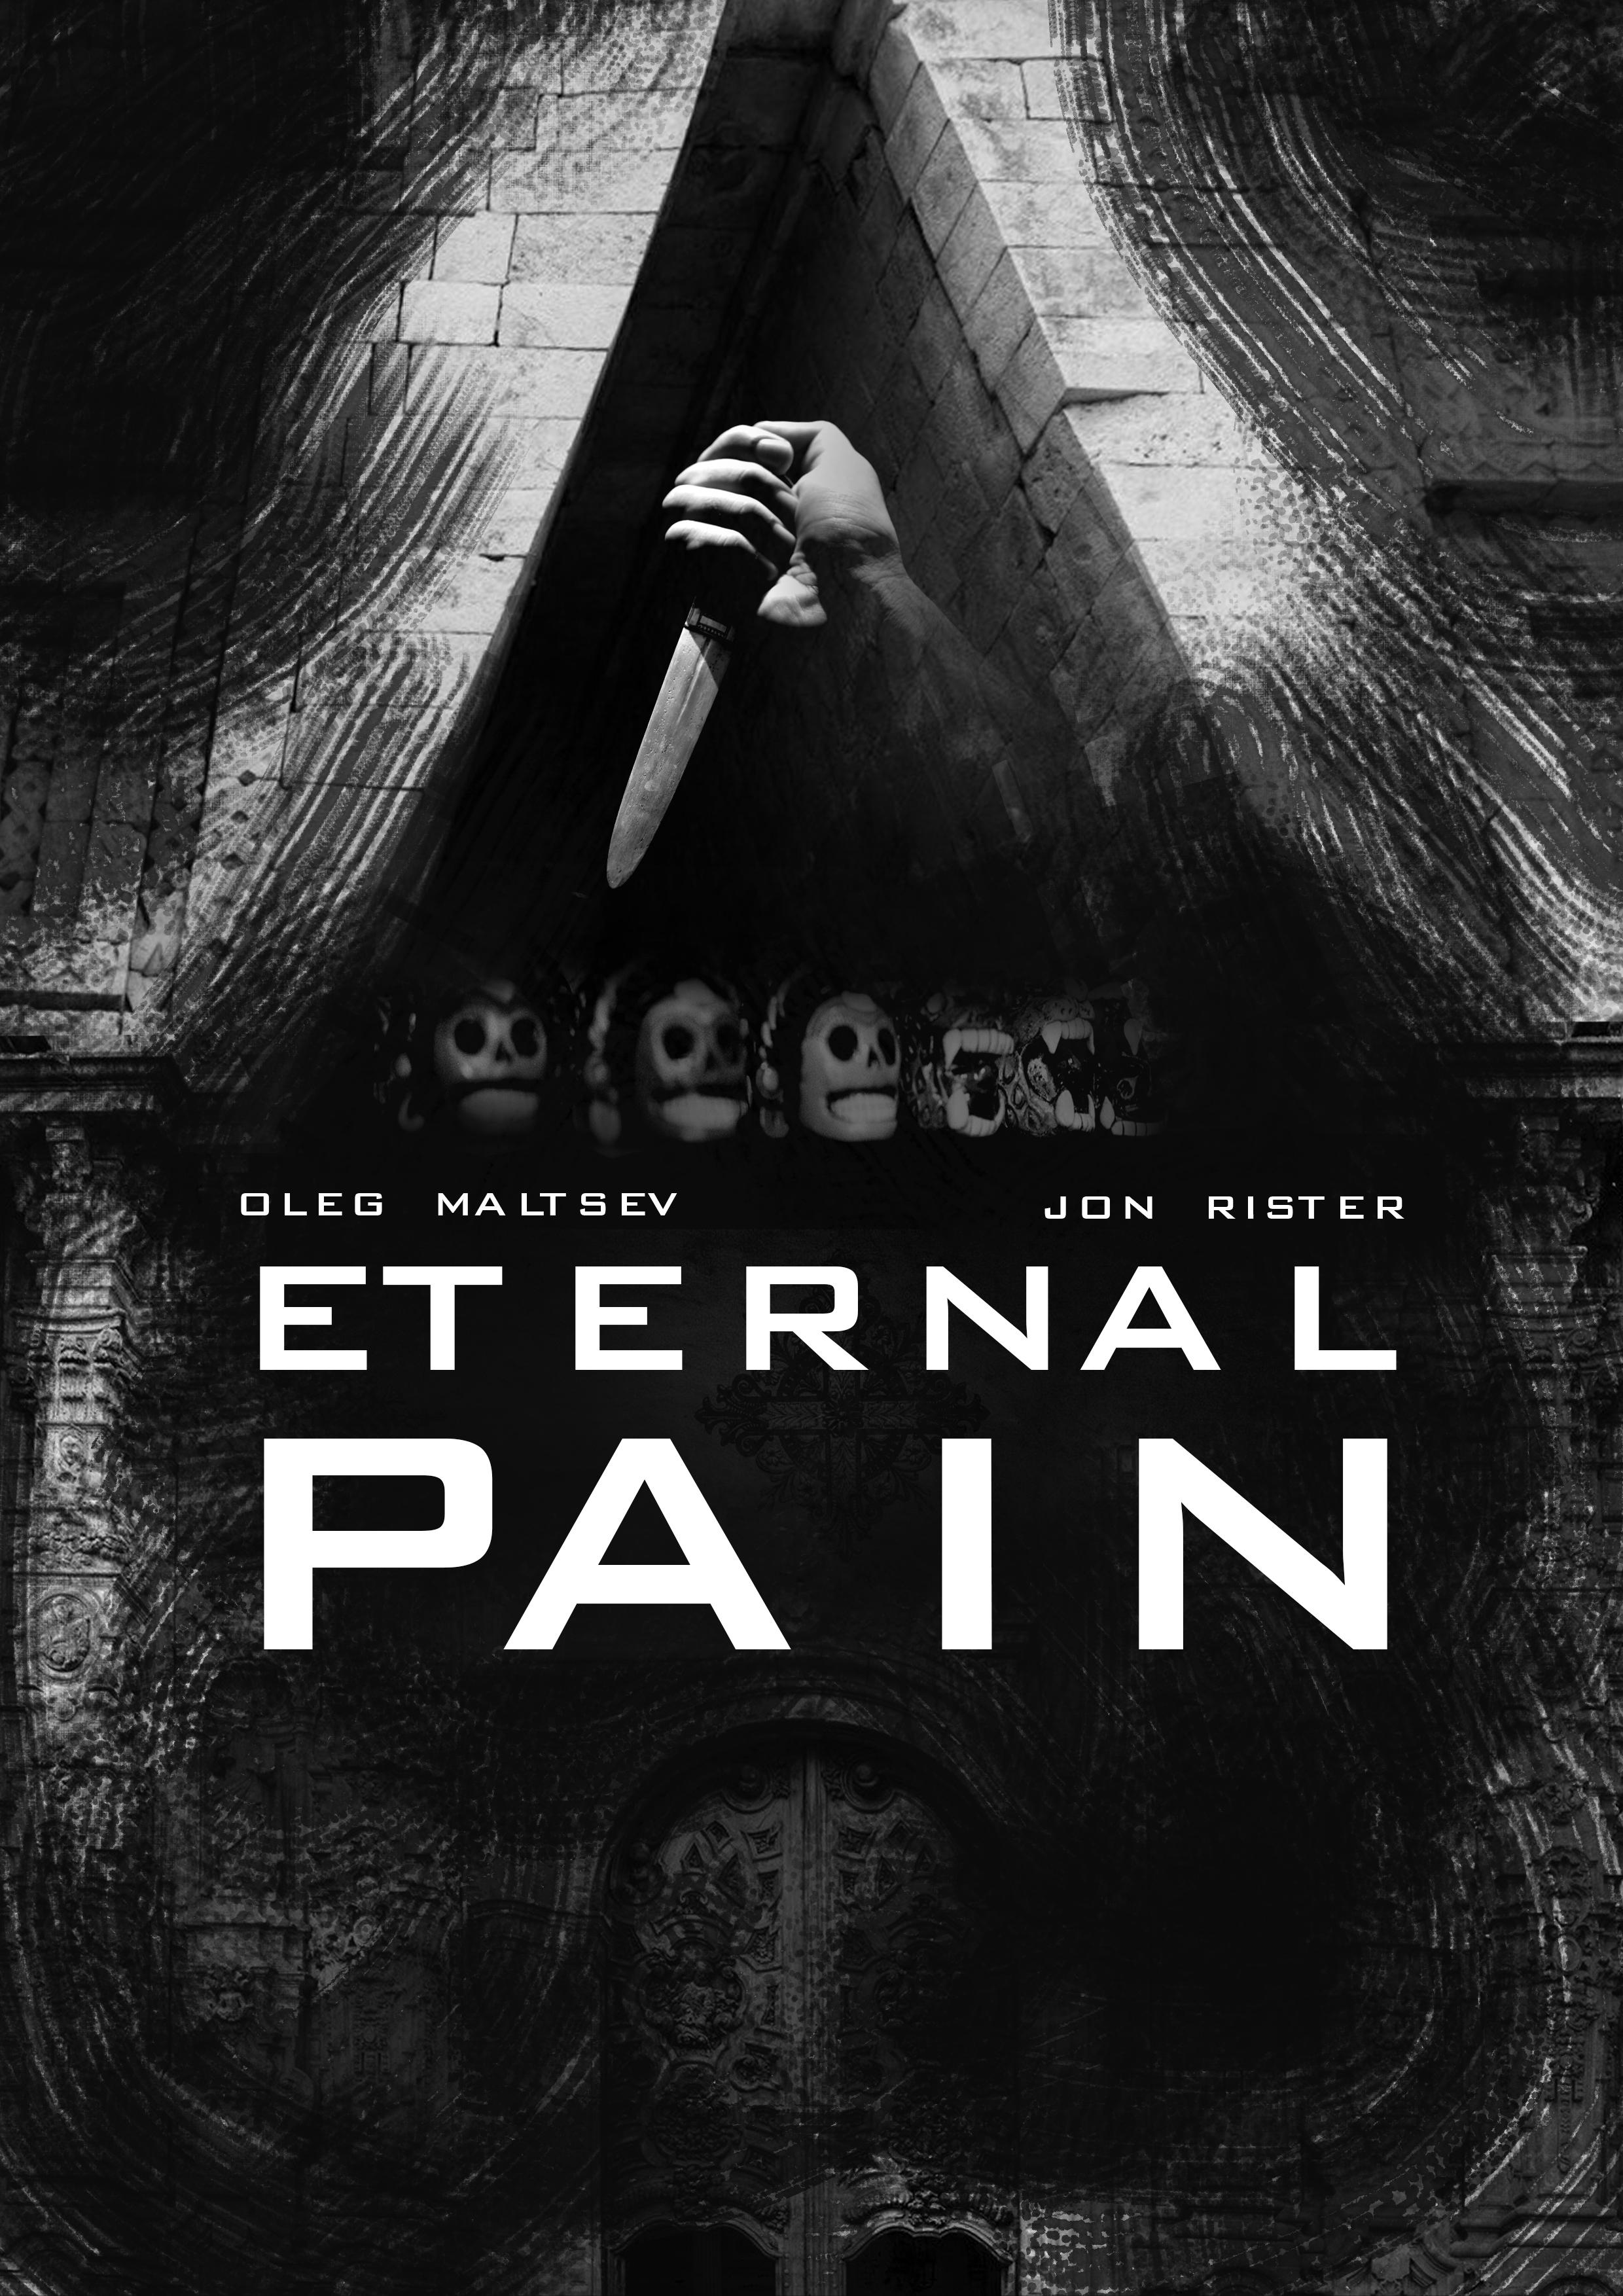 Eternal pain. Oleg Maltsev